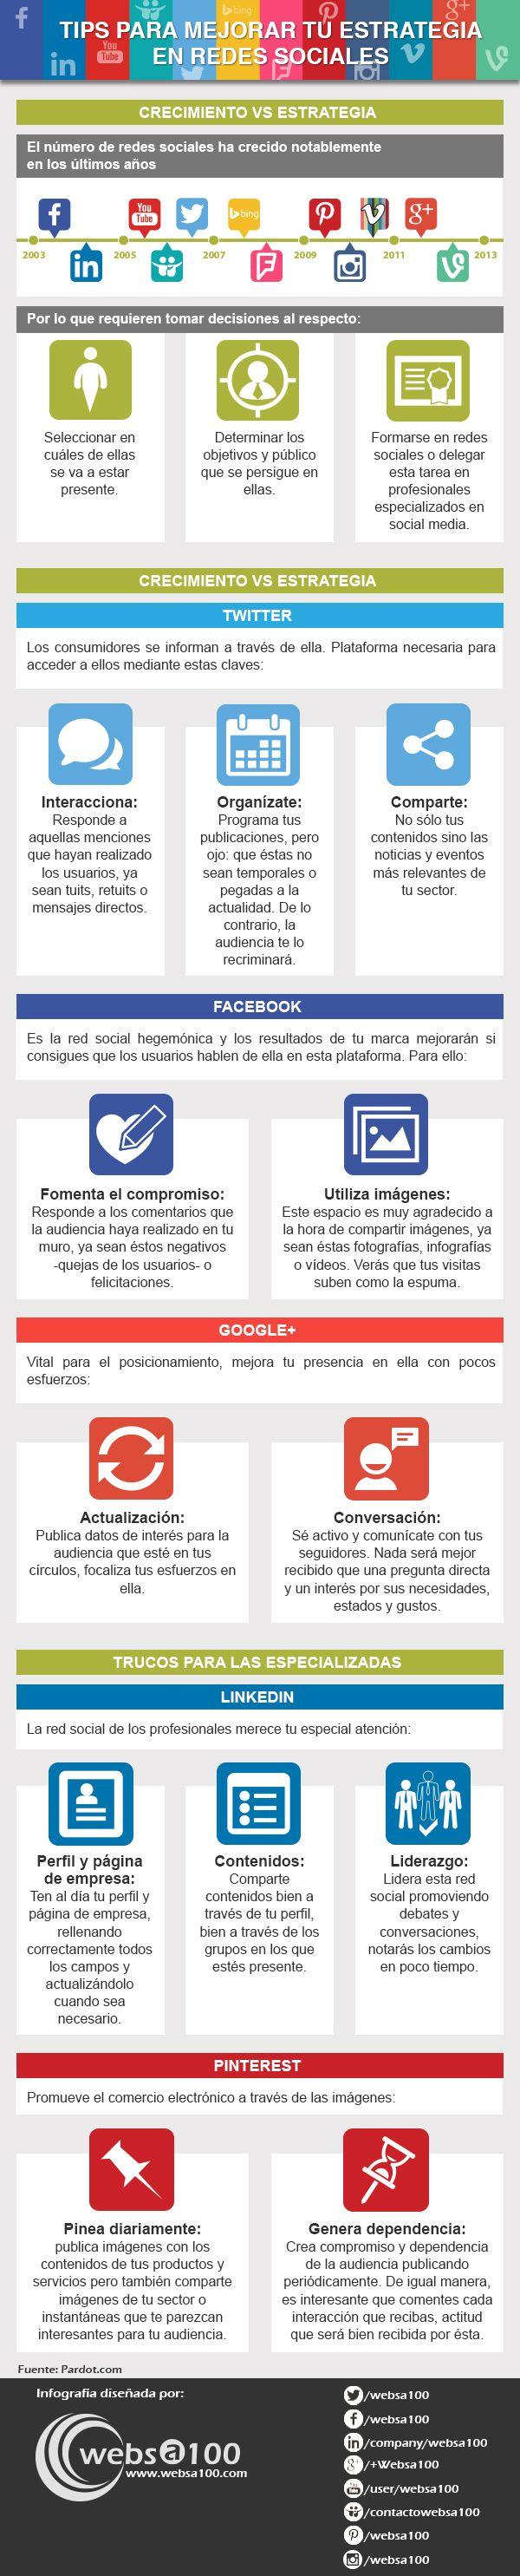 Tips para mejorar tu estrategia en redes sociales. ¡Vamos allá! #infografia